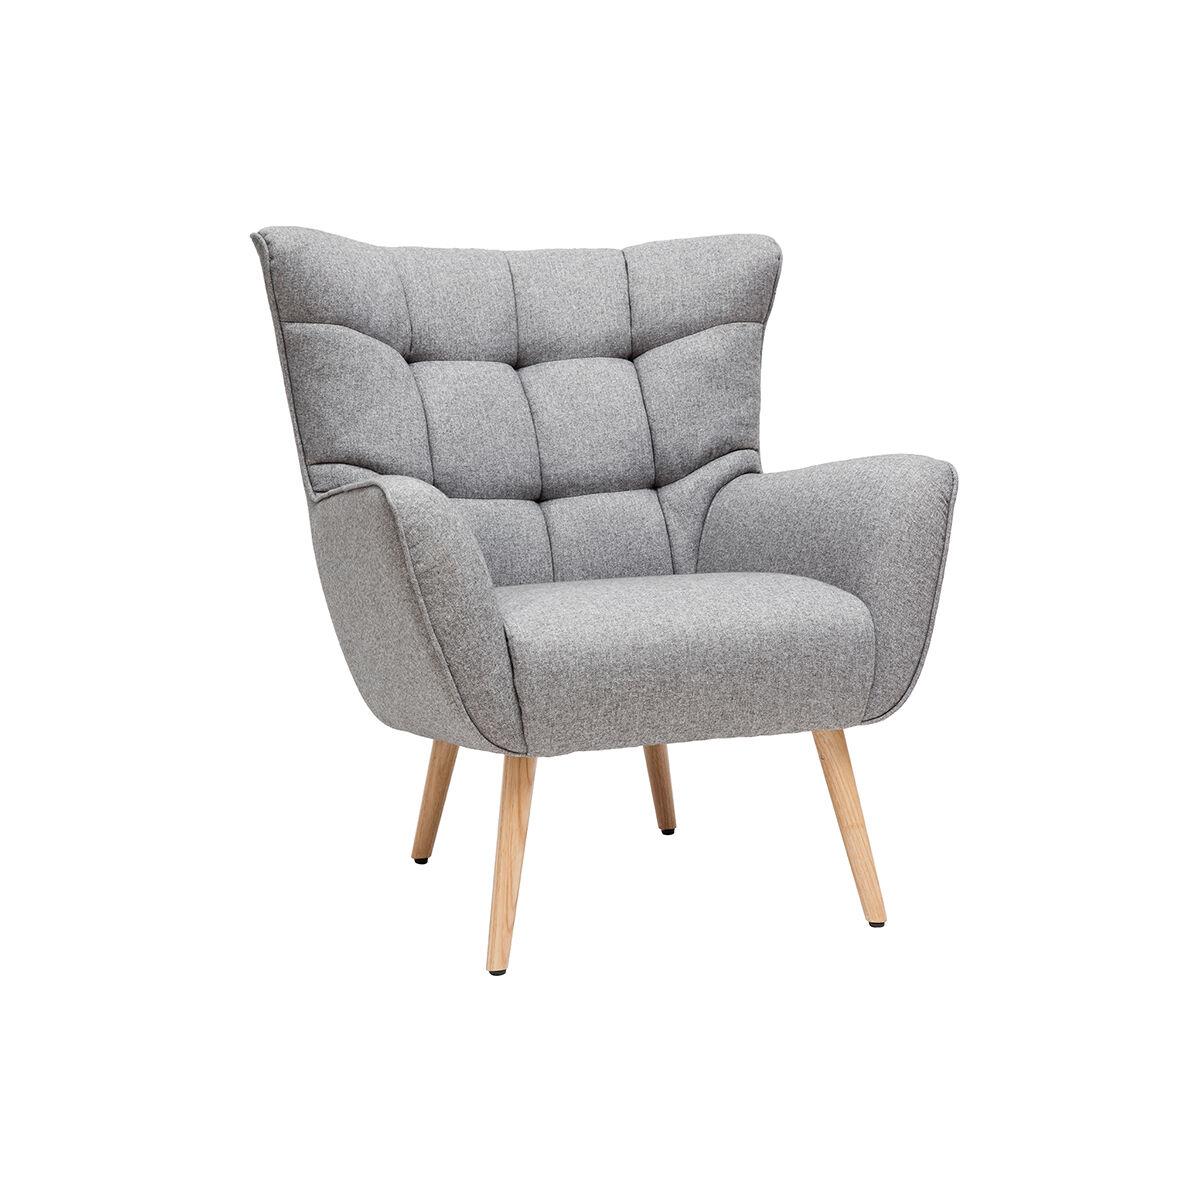 Miliboo Fauteuil scandinave en tissu gris clair et bois AVERY - Miliboo & Stéphane Plaza